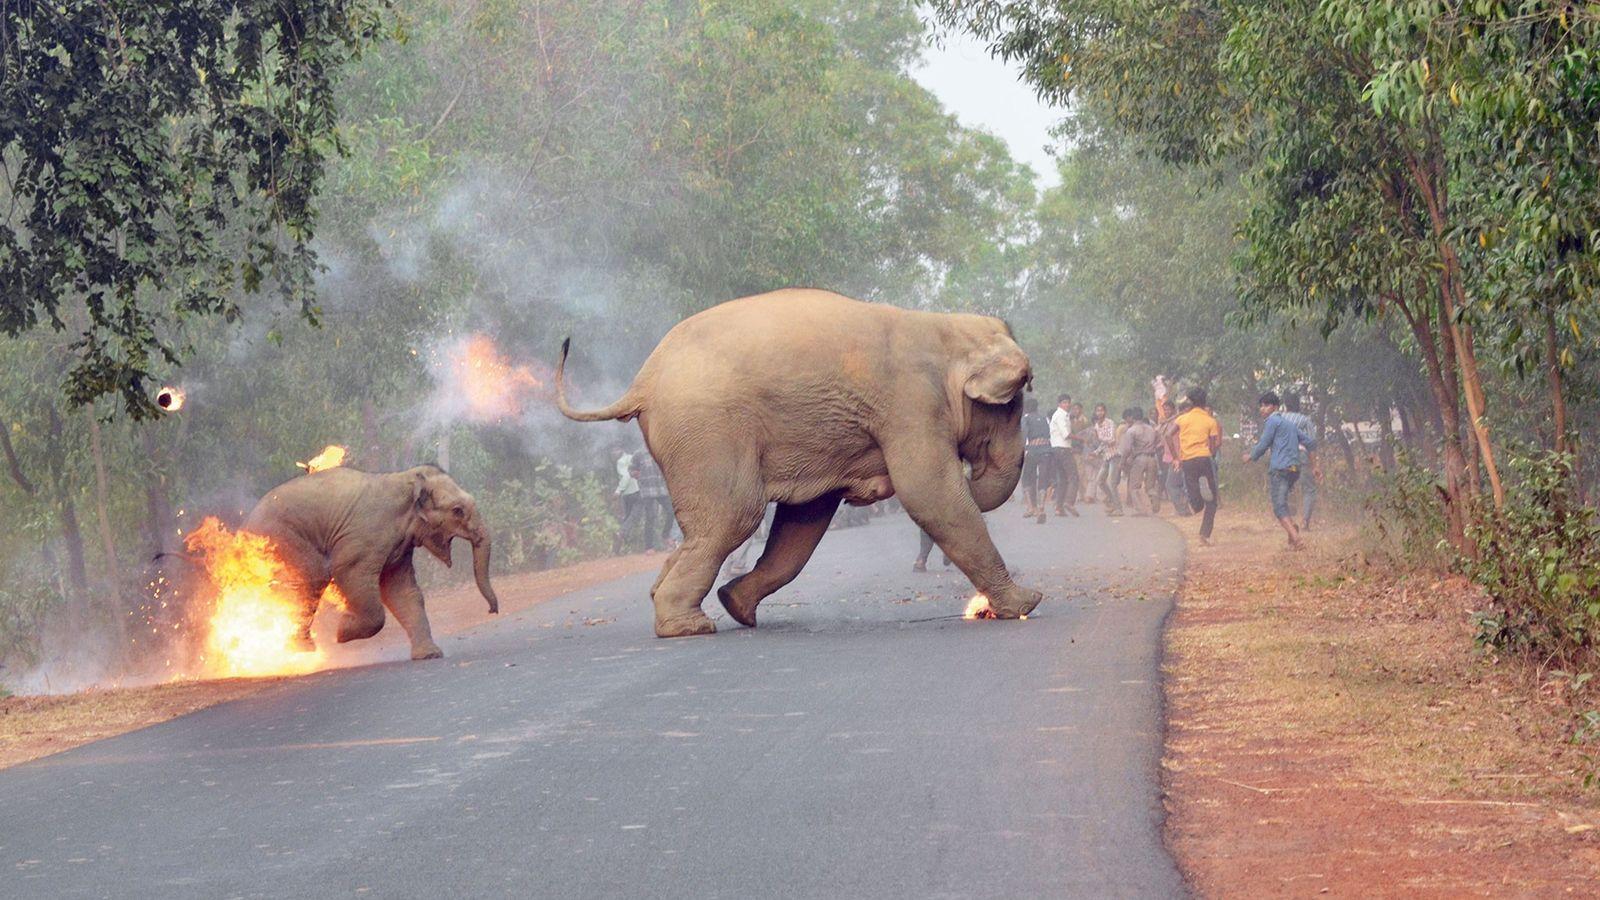 Un éléphanteau d'Asie et sa mère fuient une foule de gens qui leur lancent des boules ...